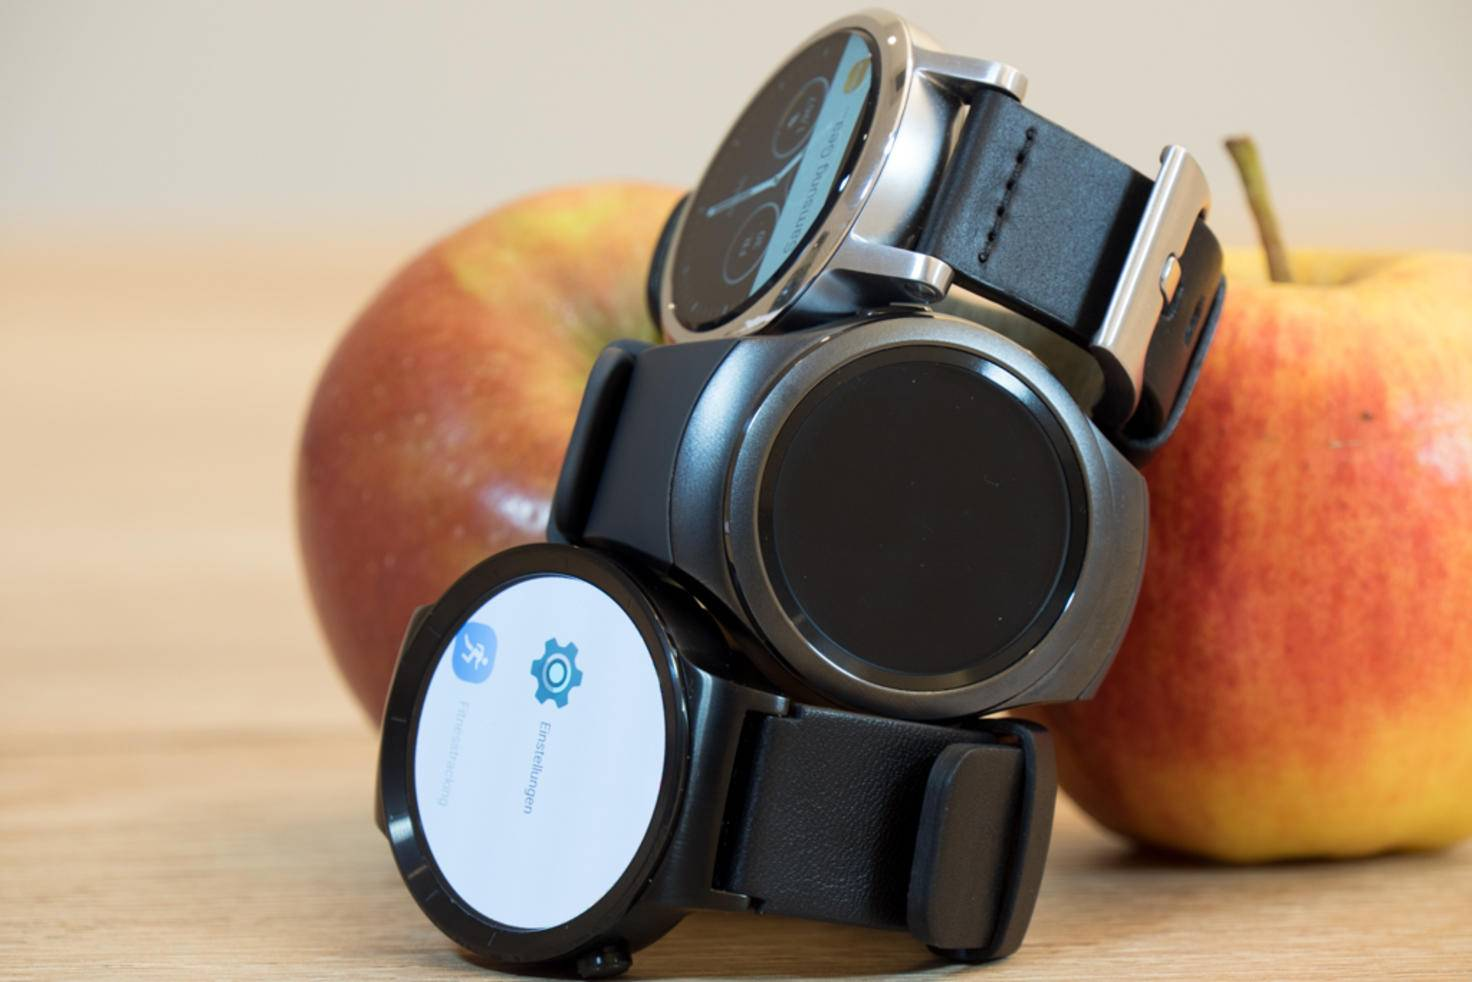 Die höchste Pixeldichte bietet Samsung mit der Gear S2, gefolgt von der Huawei Watch.